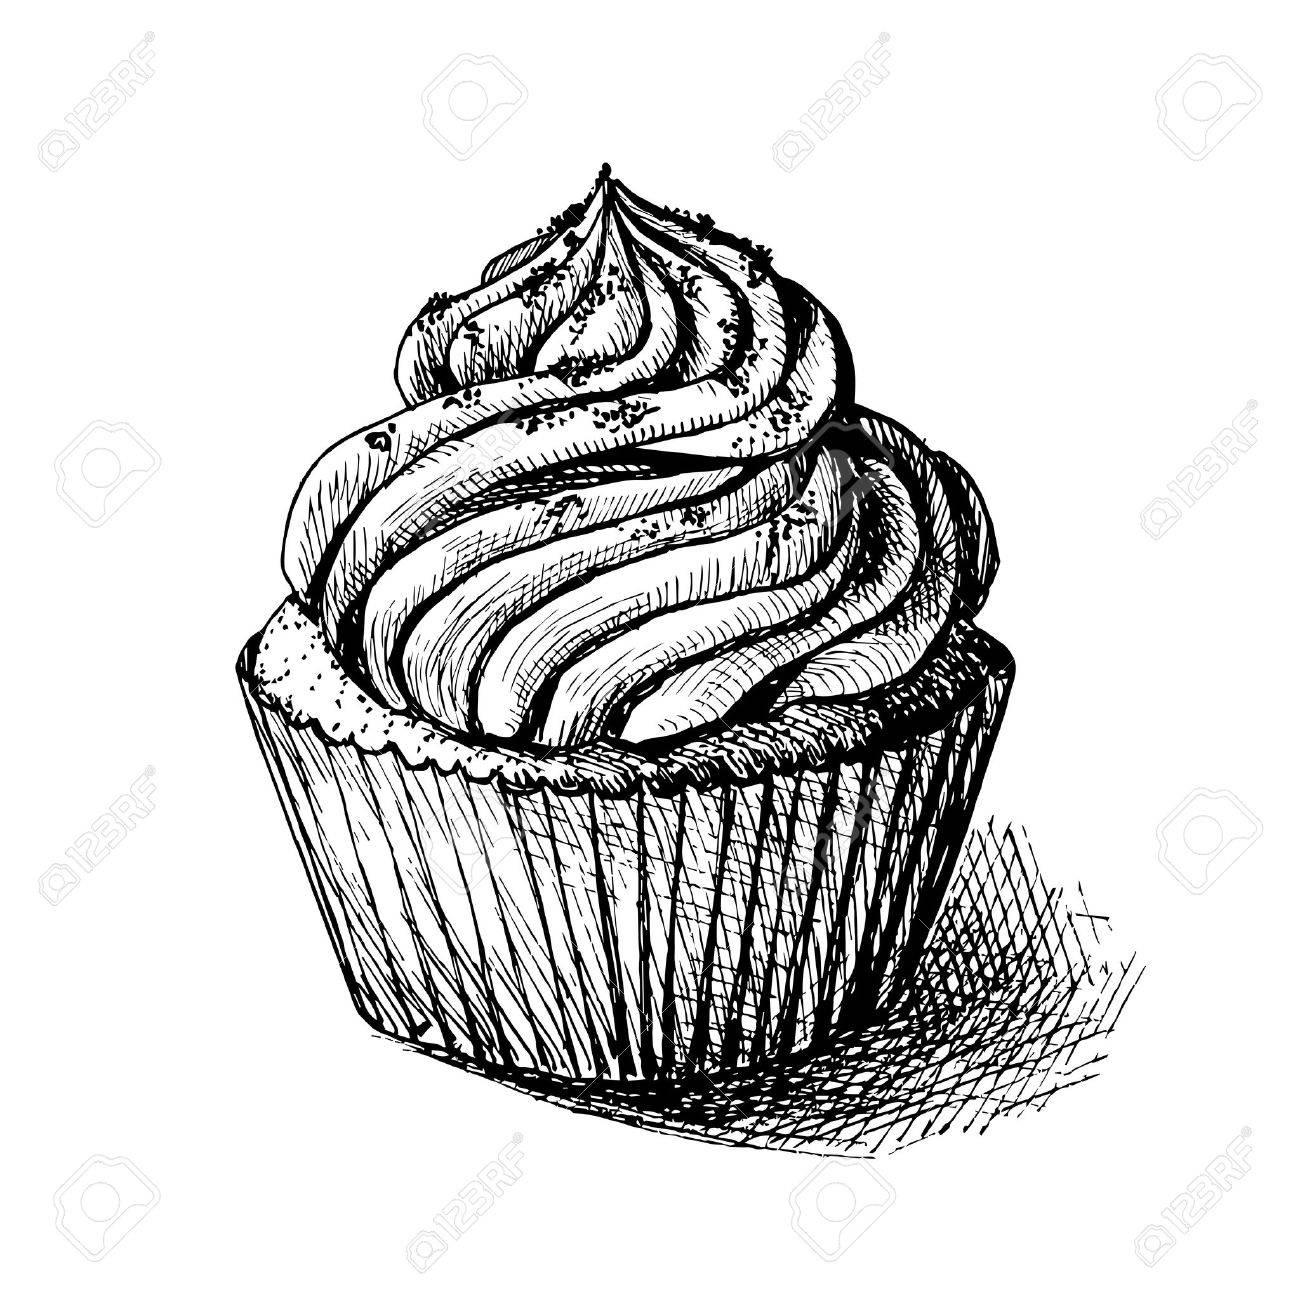 Vector Illustration Desquisse En Noir Et Blanc De Mignon Et Sucré Cupcake Sucré Peut être Utilisé Pour Des Cartes De Voeux Ou Des Invitations De